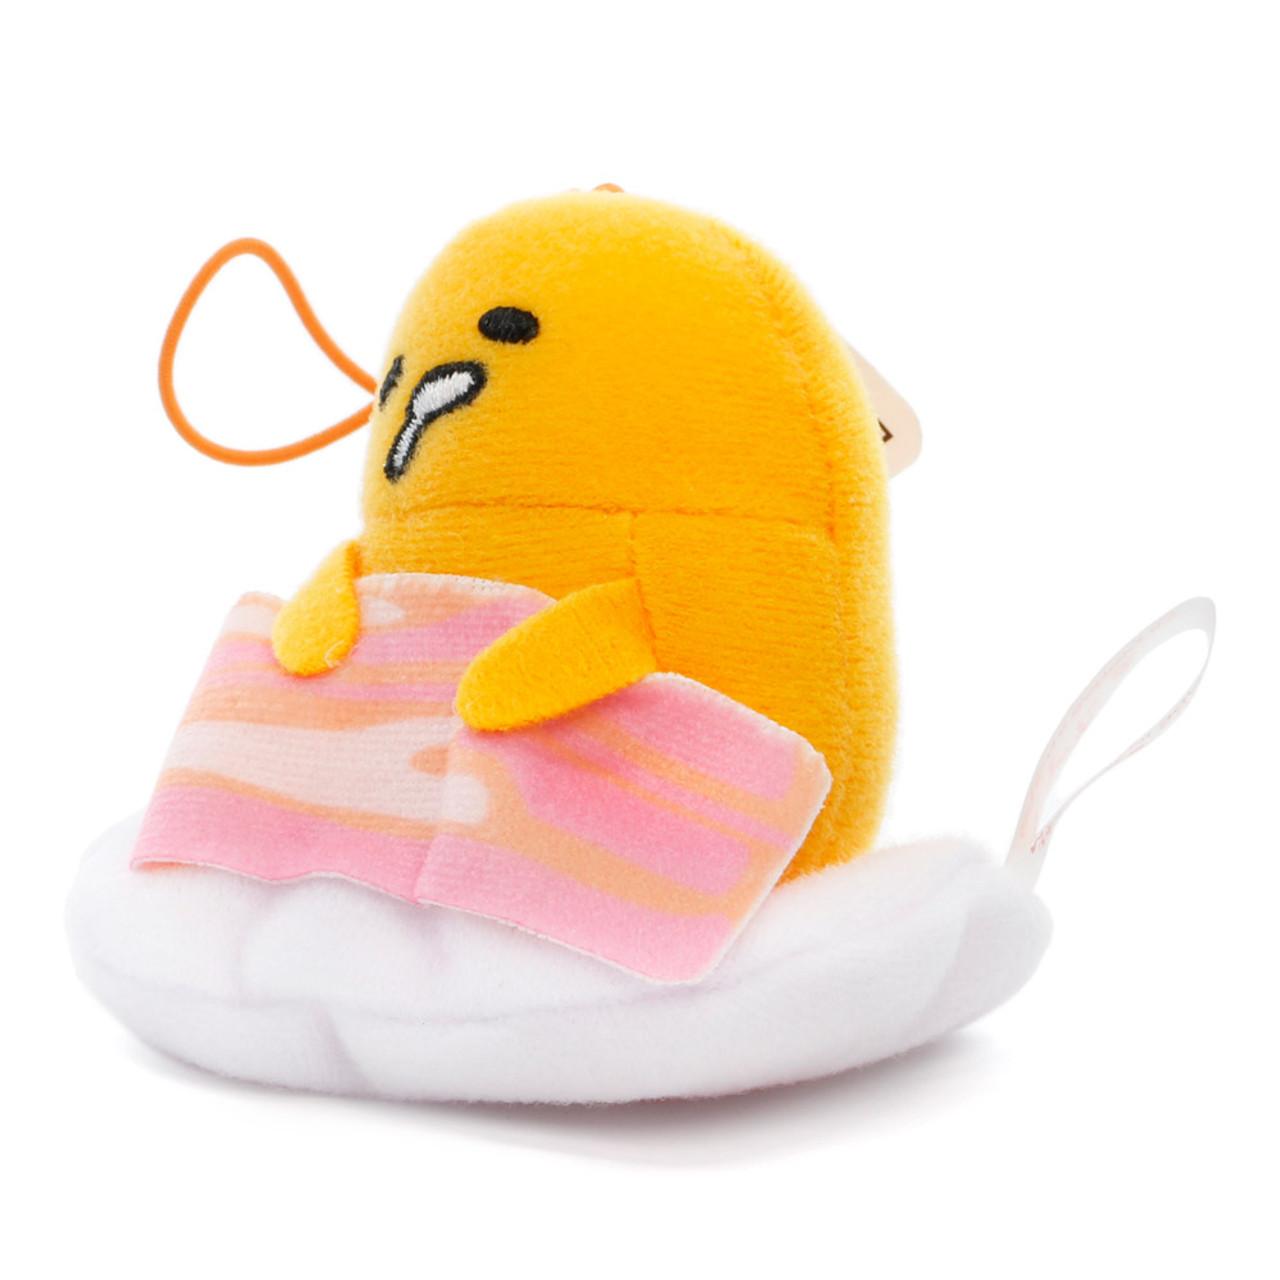 Sanrio Gudetama Lazy Egg Sleeping Mascot Plush Charms - Bacon ( Side View )